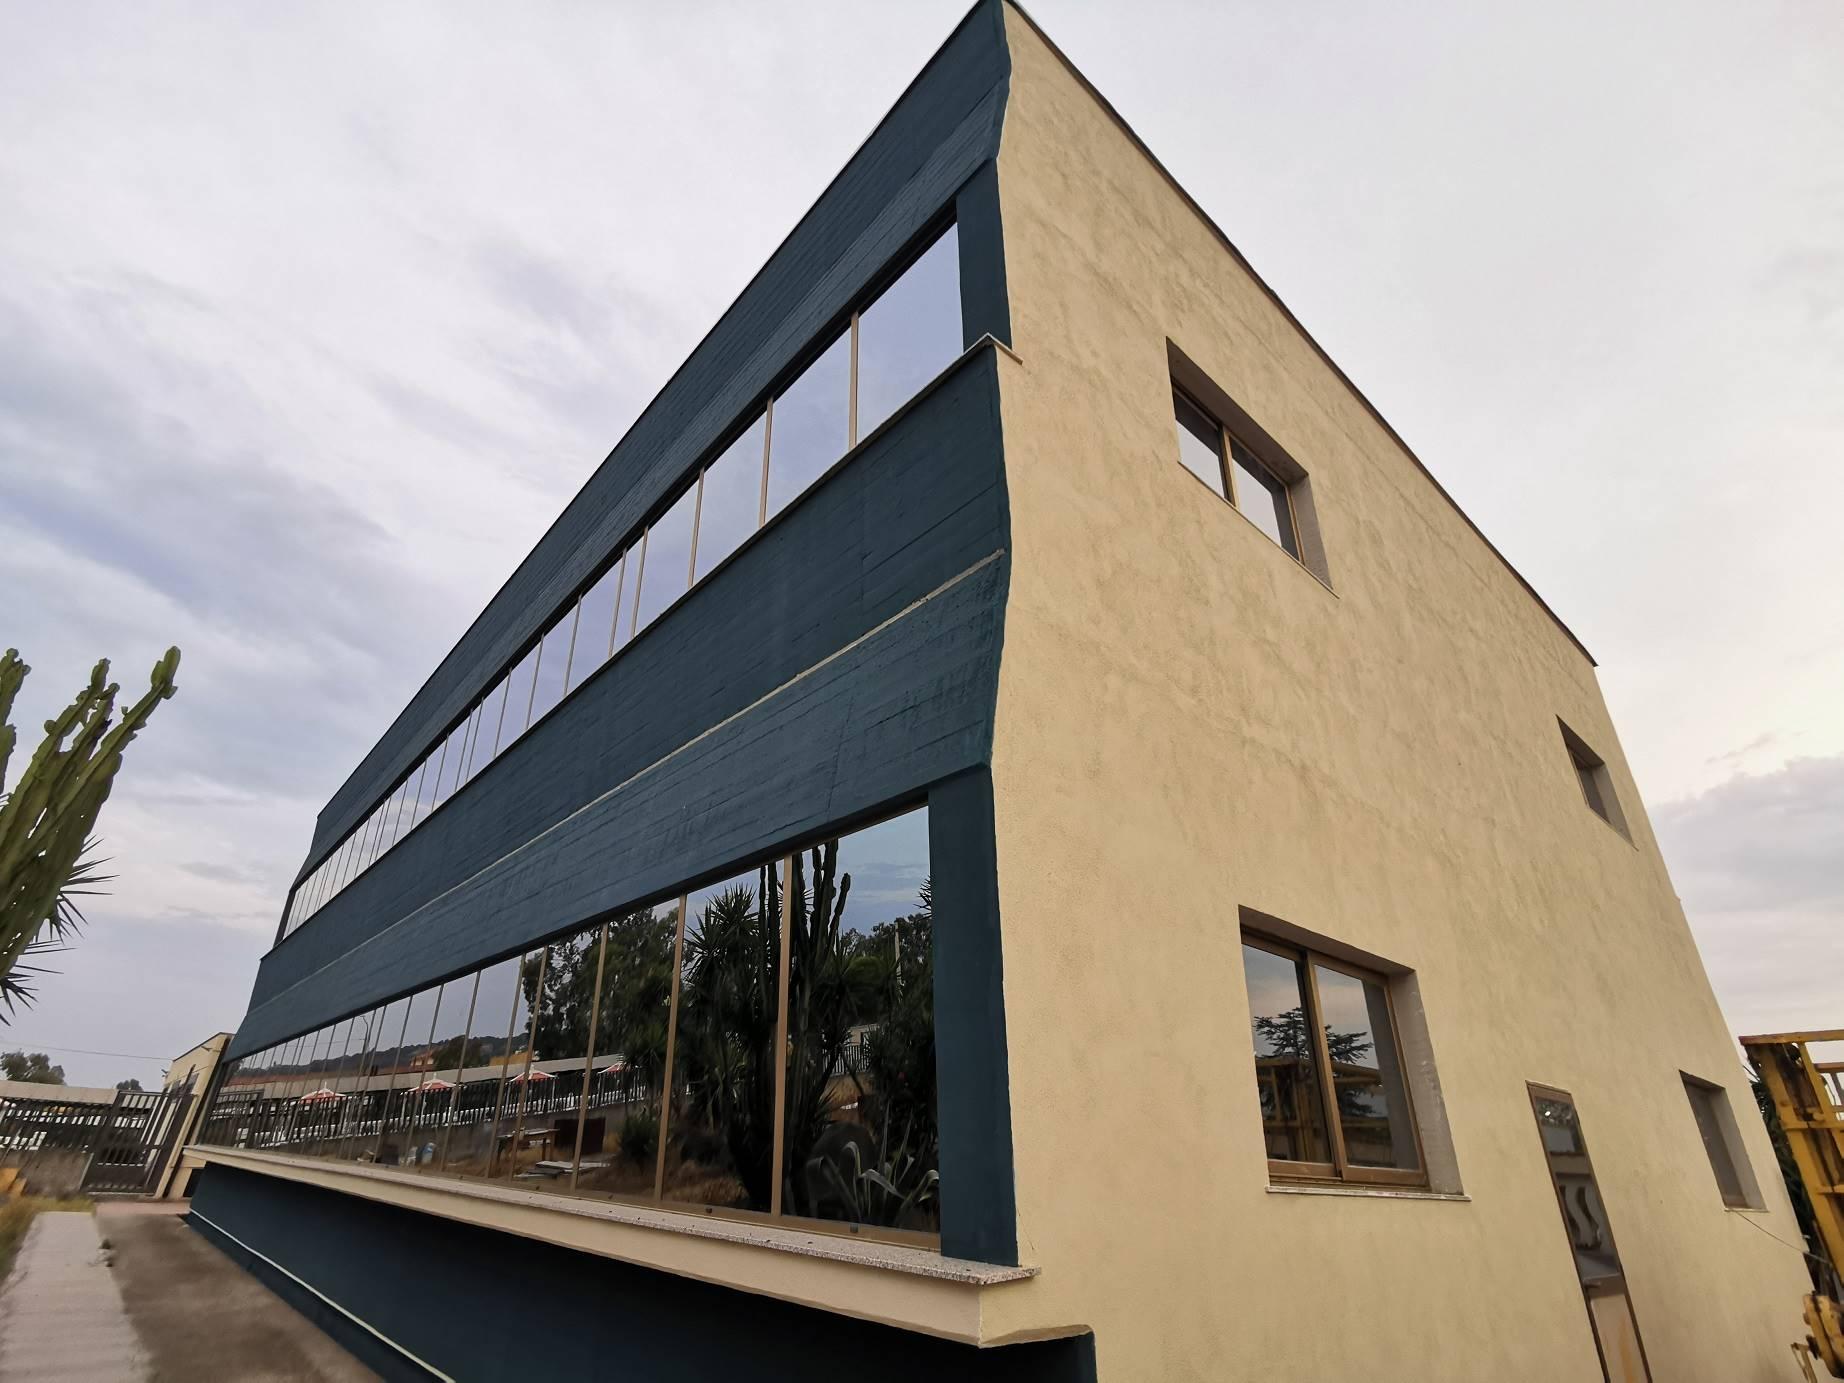 Ufficio / Studio in affitto a Belpasso, 15 locali, zona Località: PIANO TAVOLA, prezzo € 2.800 | CambioCasa.it